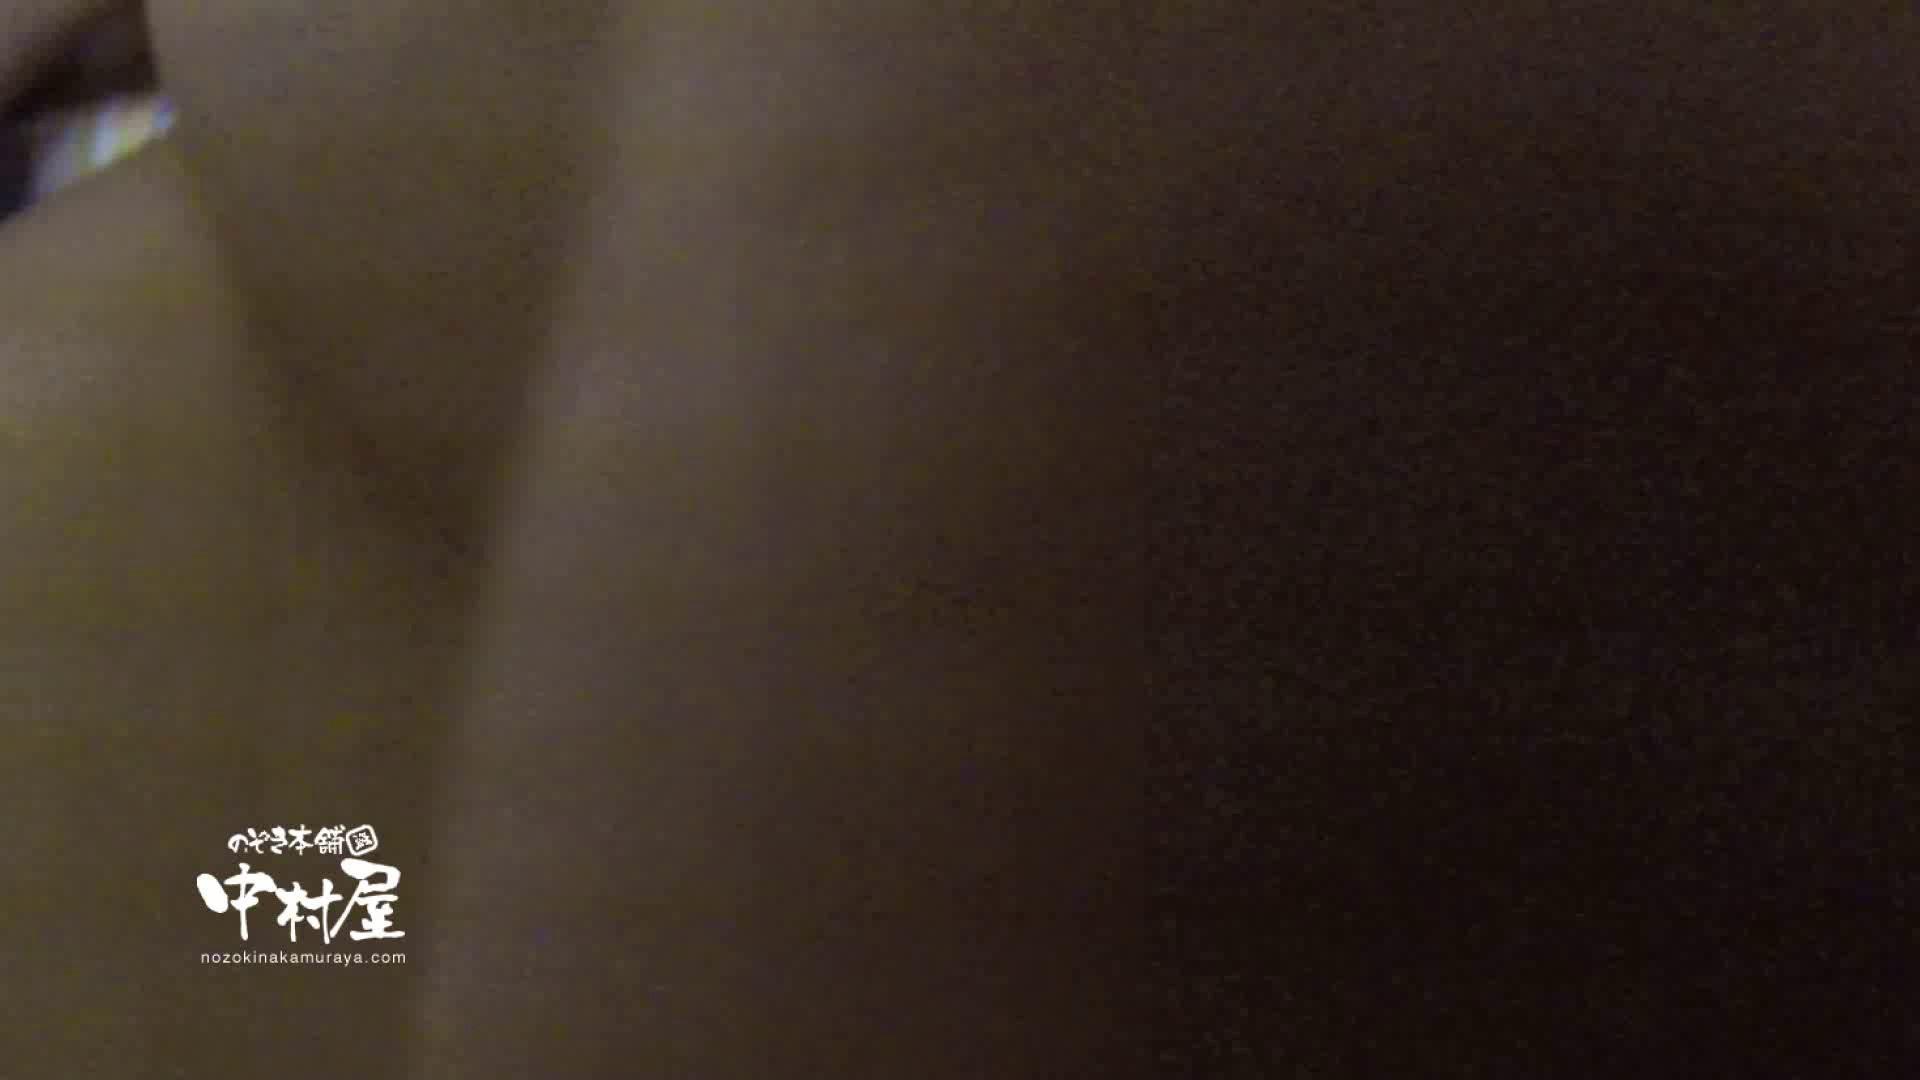 鬼畜 vol.09 無慈悲!中出し爆乳! 後編 中出し 盗撮おめこ無修正動画無料 95画像 46